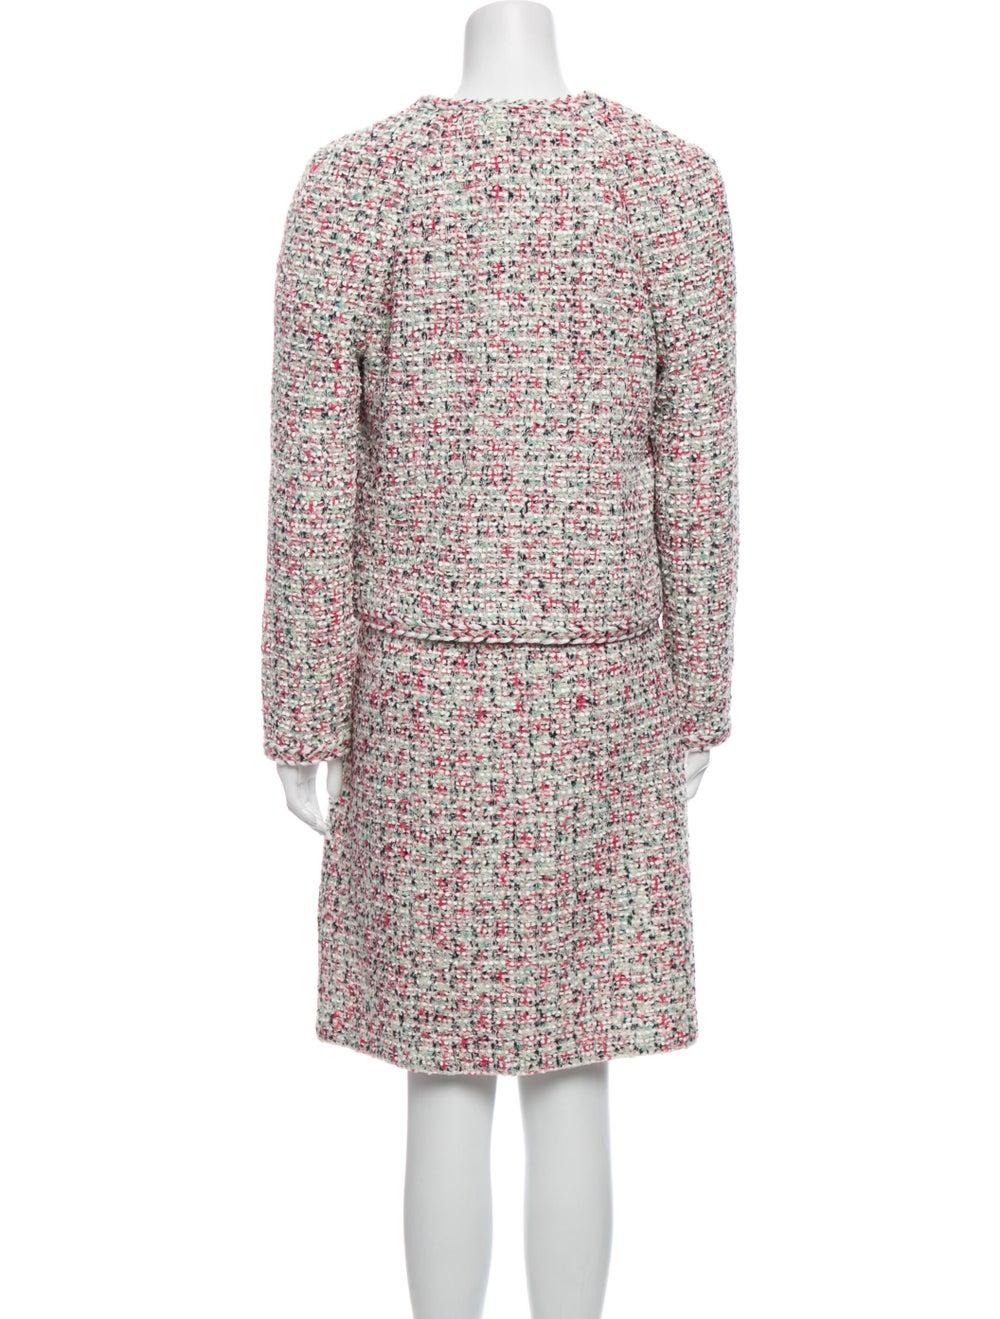 St. John Tweed Pattern Dress Set w/ Tags Pink - image 3